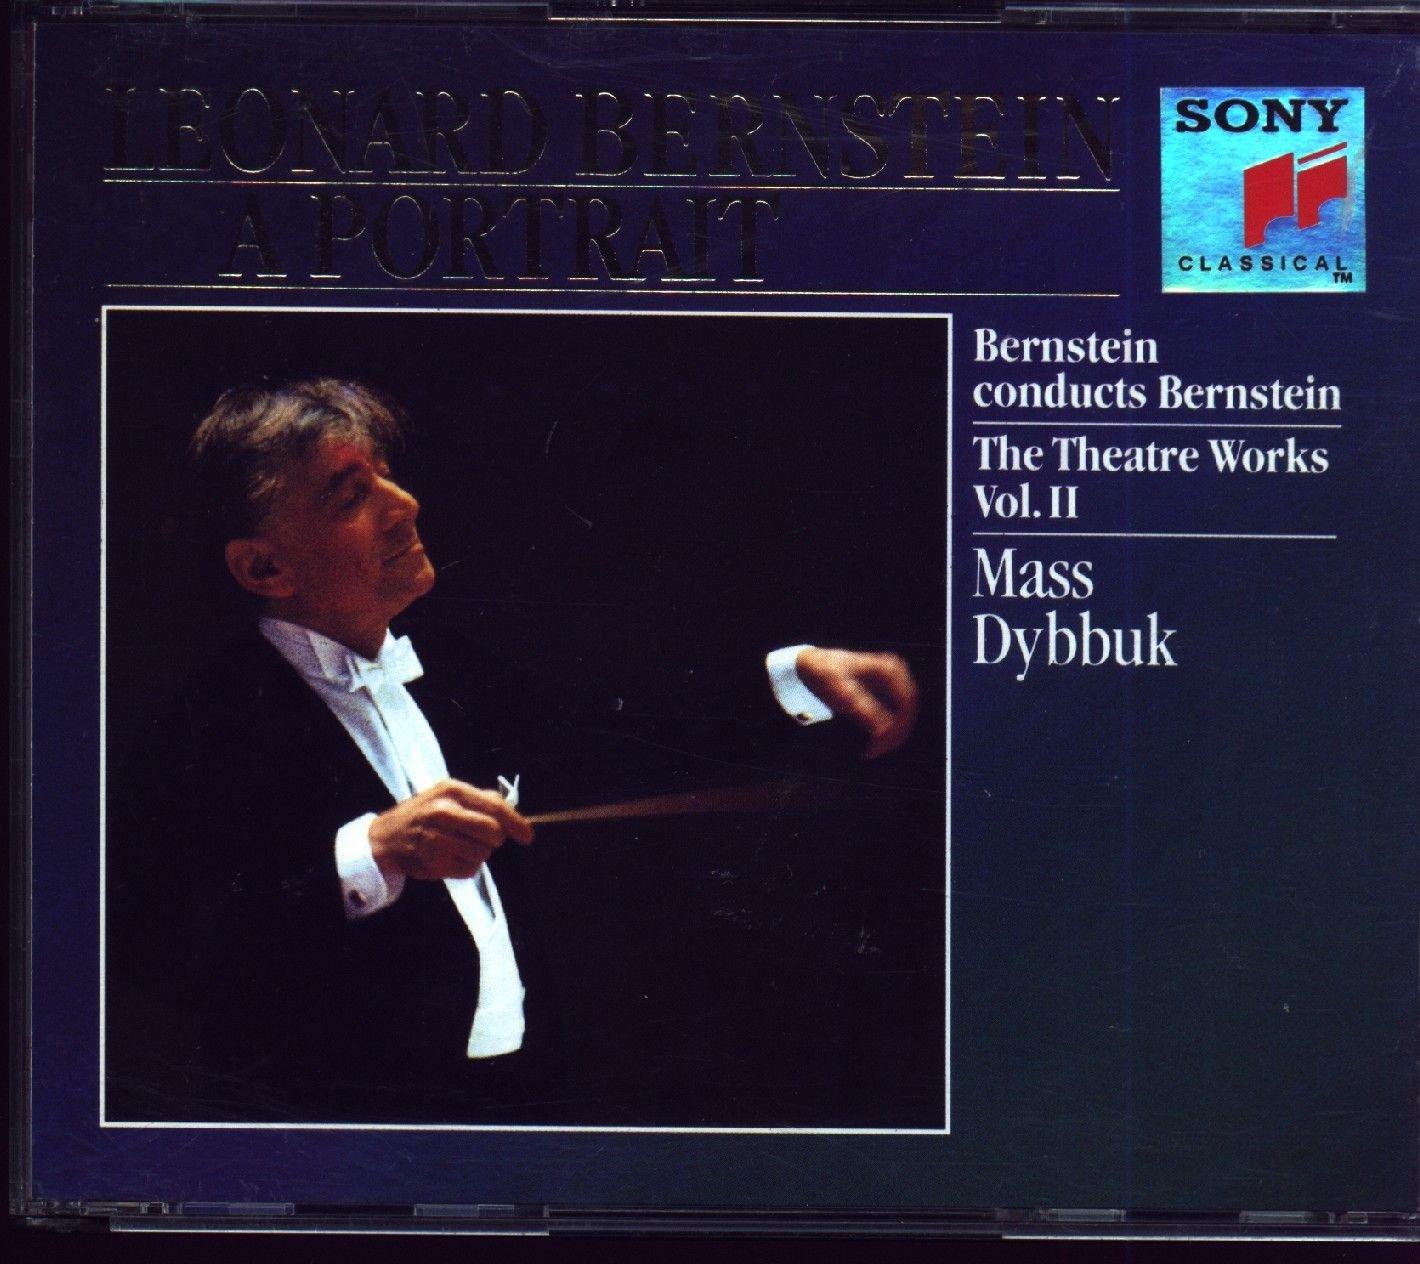 Leonard Bernstein: A Portrait: The Theatre Works, Vol. 2 Mass Dybbuk